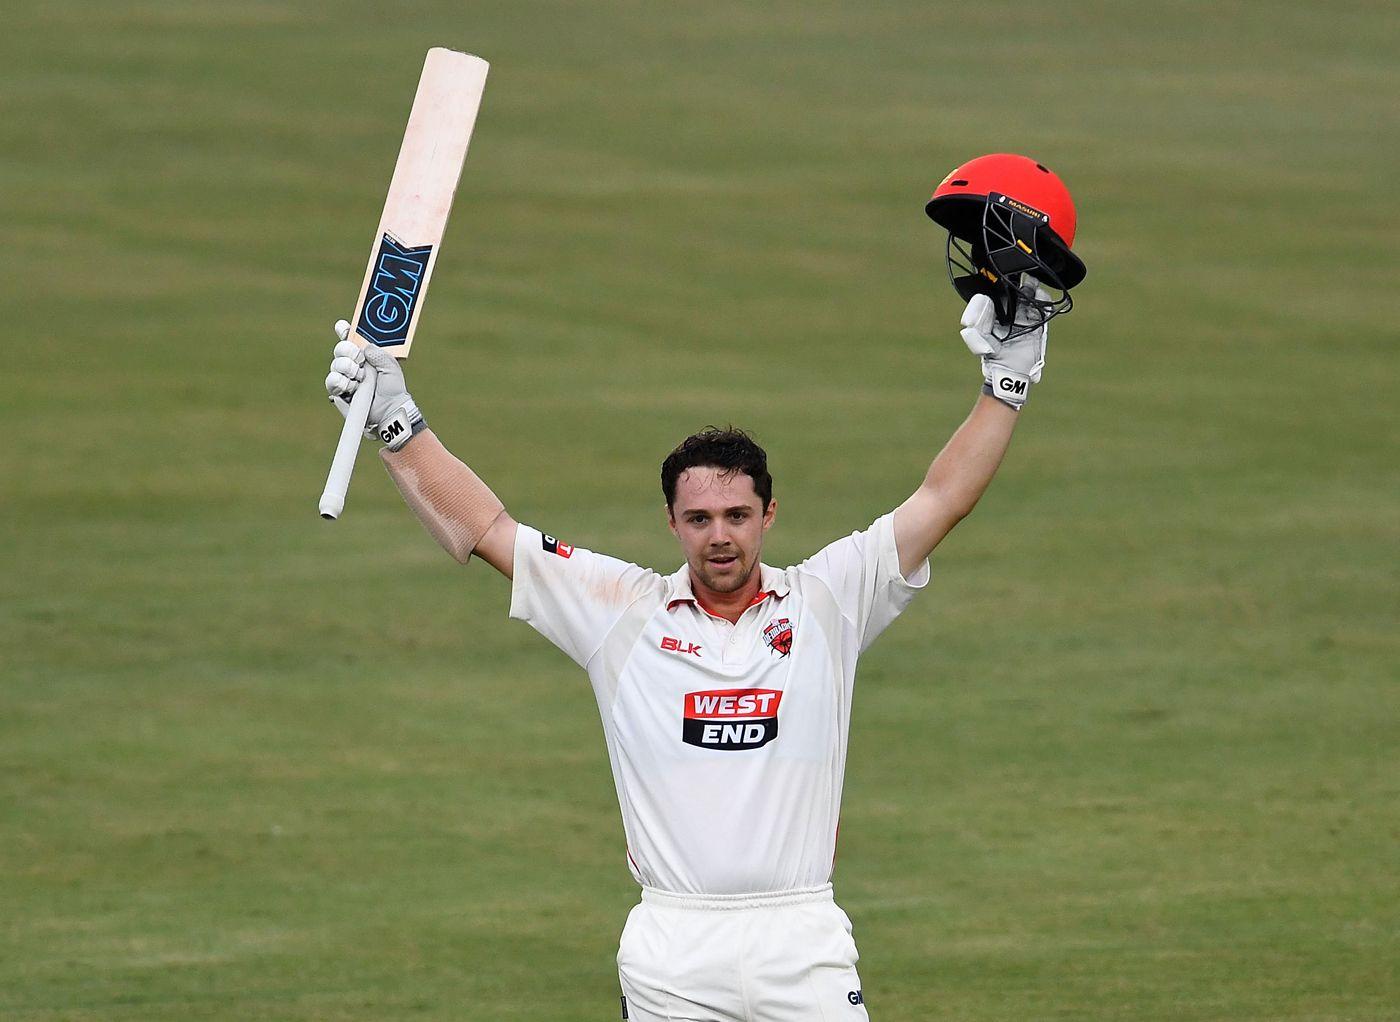 कप्तान का ये पसंदीदा खिलाड़ी पिछली 7 टेस्ट पारियों से लगतार हो रहा फ्लाॅप, फिर भी बना है टीम इंडिया का हिस्सा 5